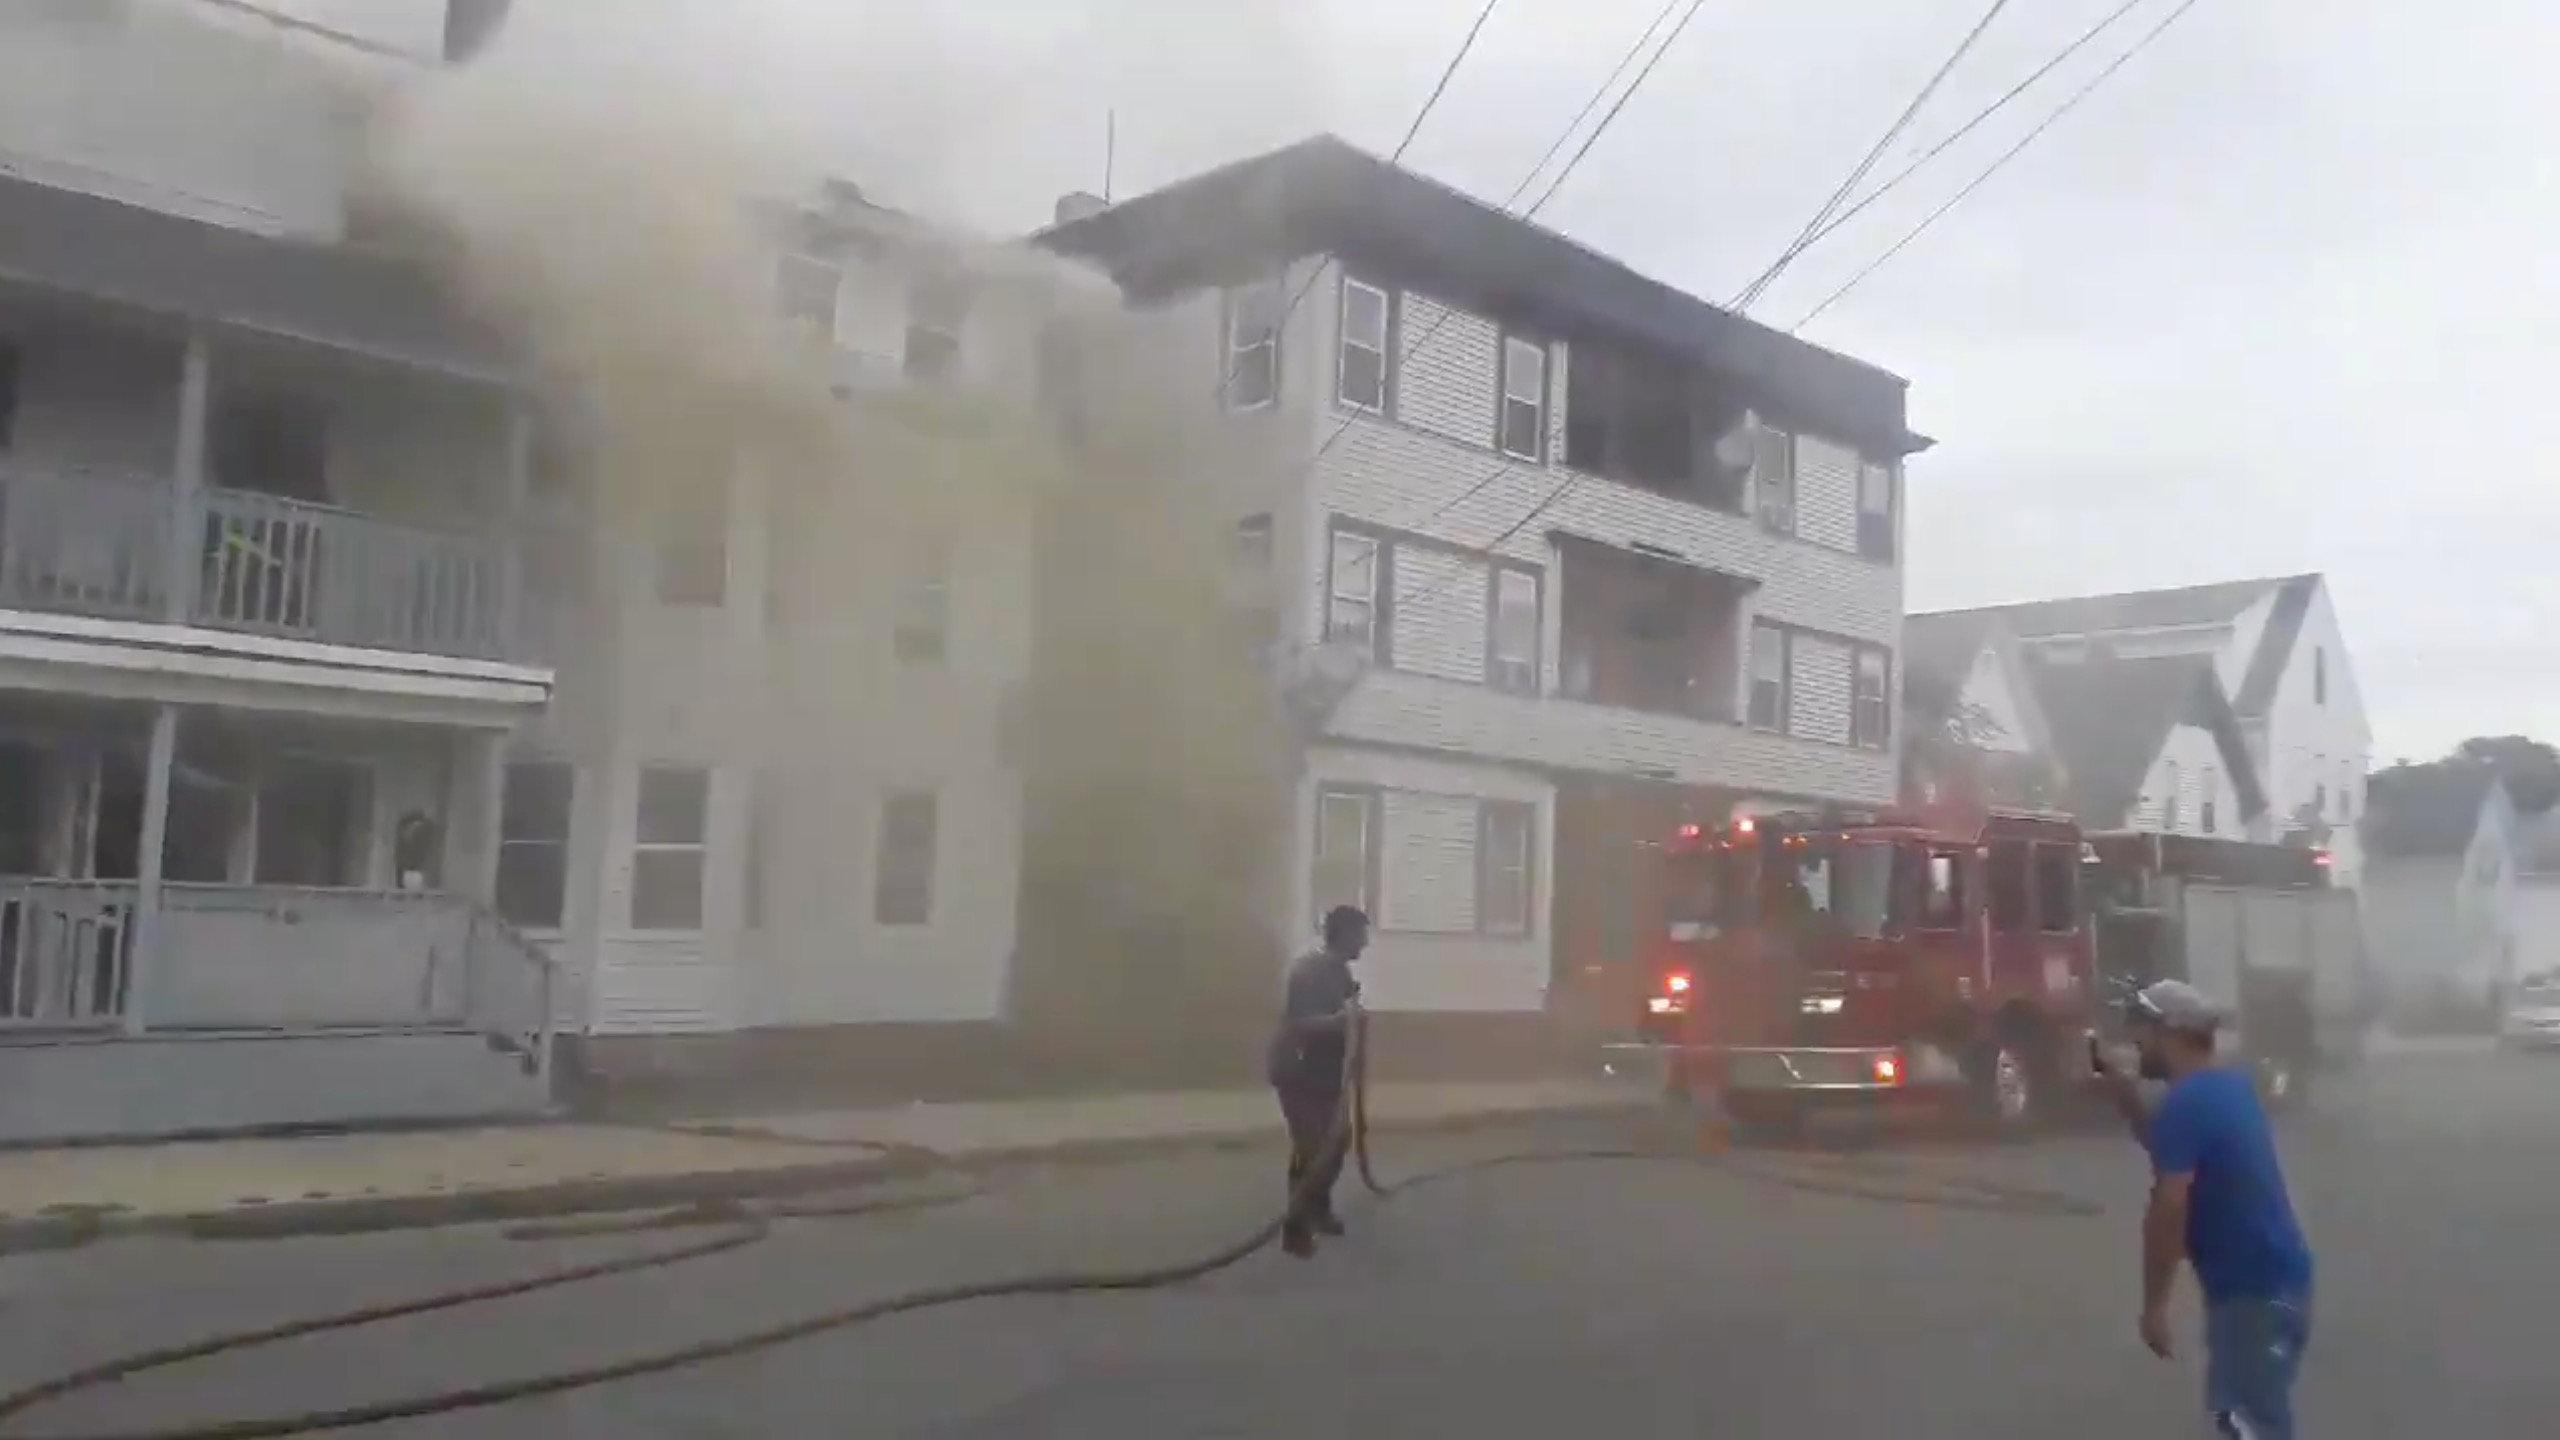 رجال الإطفاء تسعى للسيطرة على الحرائق